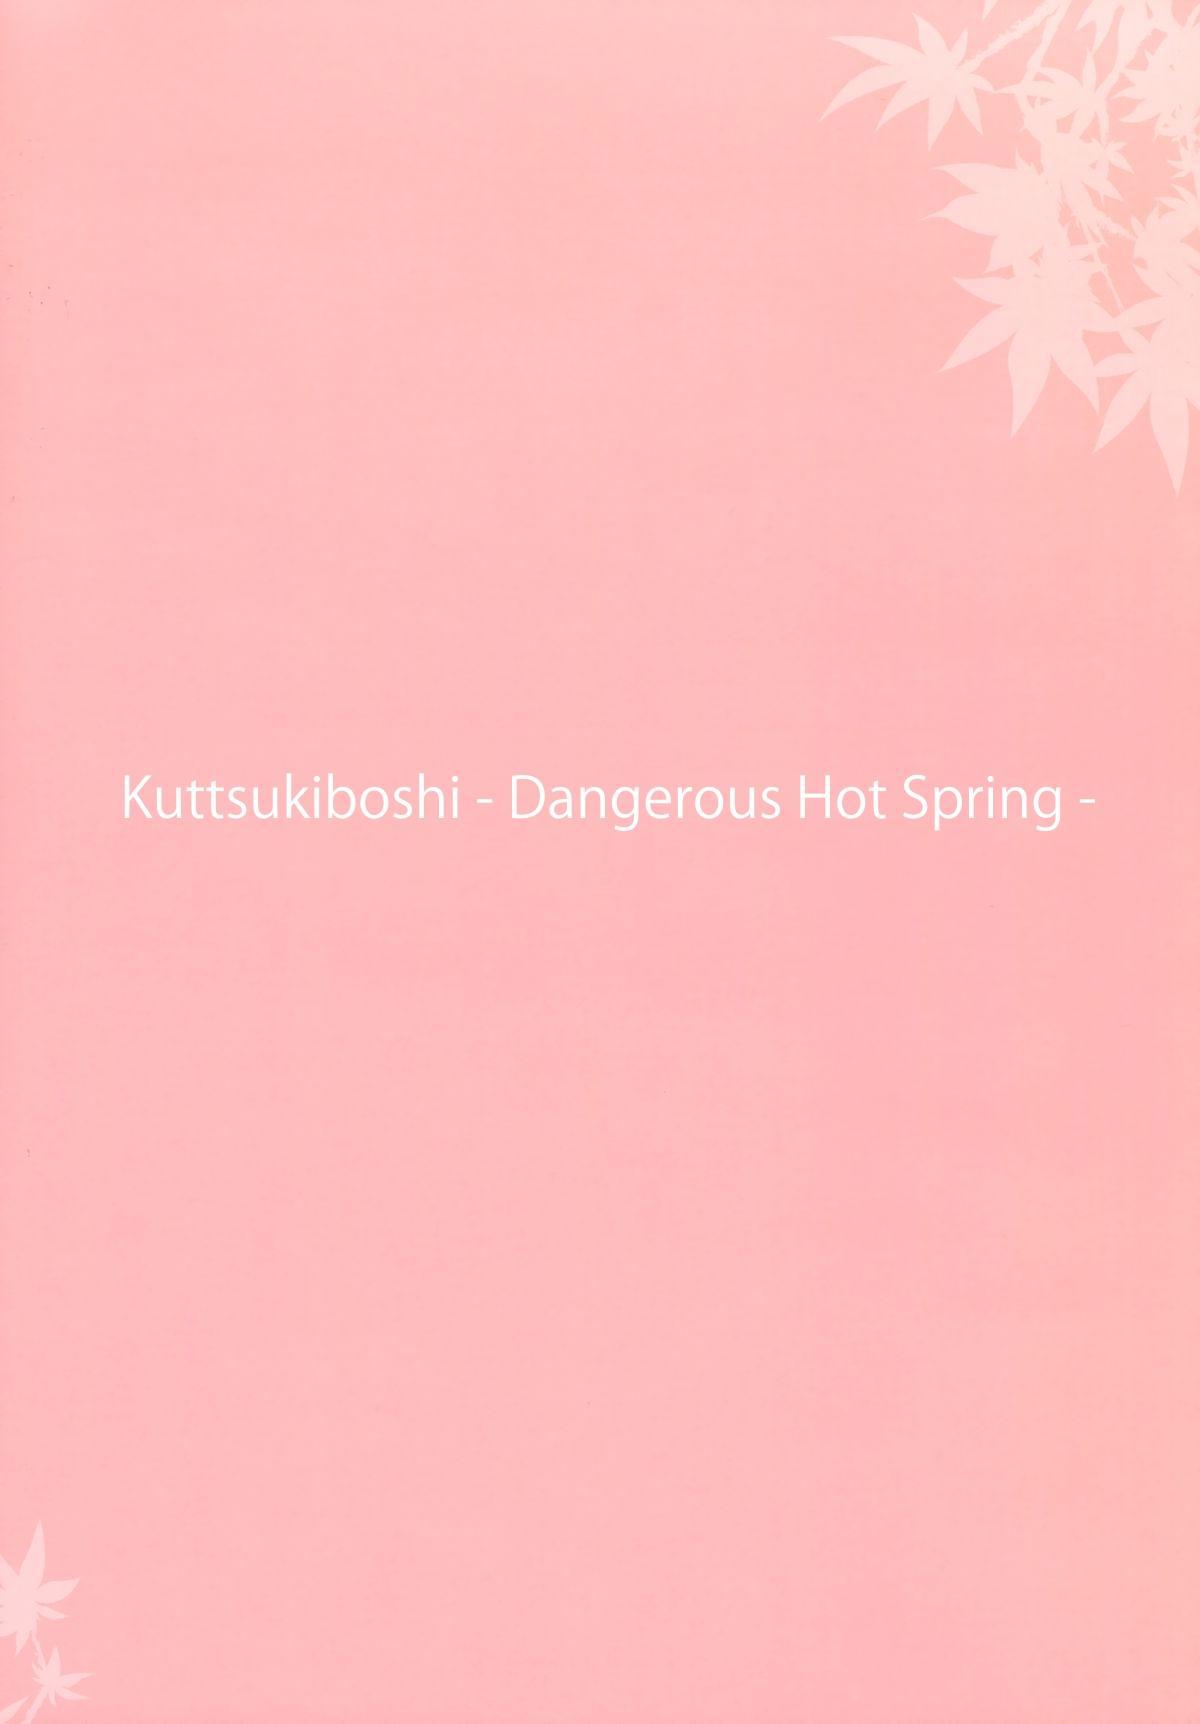 (COMITIA104) [Ishikawa Pro (Ishikawa Naoya)] Kuttsukiboshi -Abunai Onsen-   -Dangerous Hotspring- (Kuttsukiboshi) [English] {Hikikomori Honyaku ft. Hanabi} 1